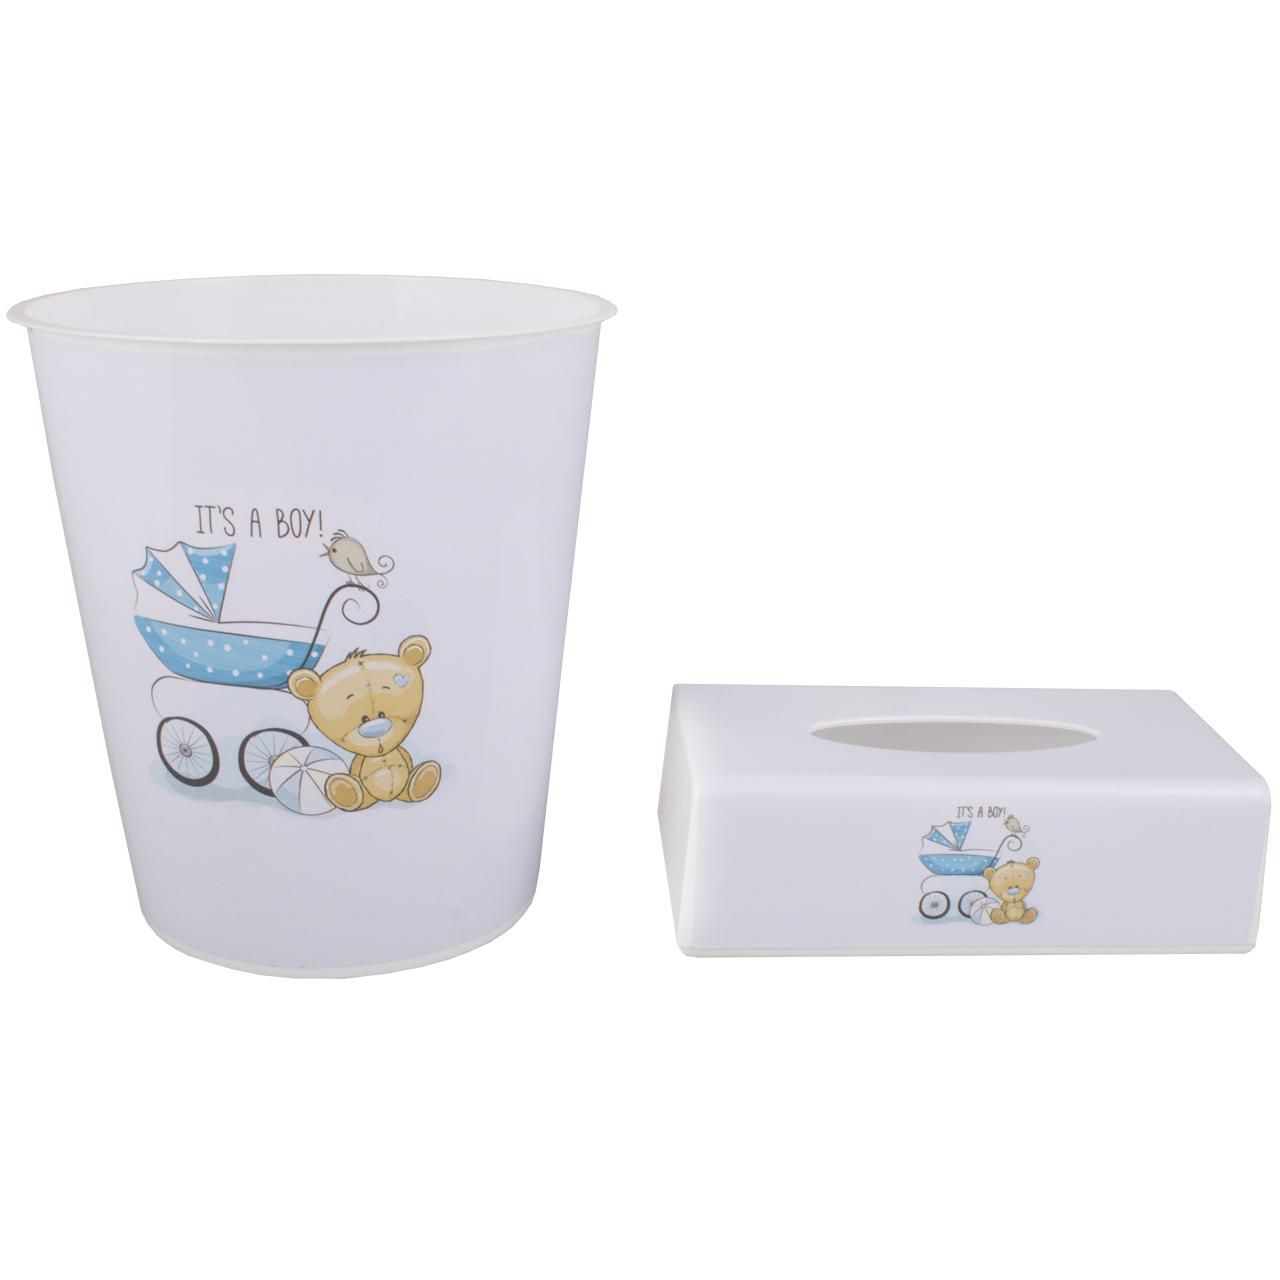 ست سطل و جادستمال اتاق کودک طرح خرس کد 0115